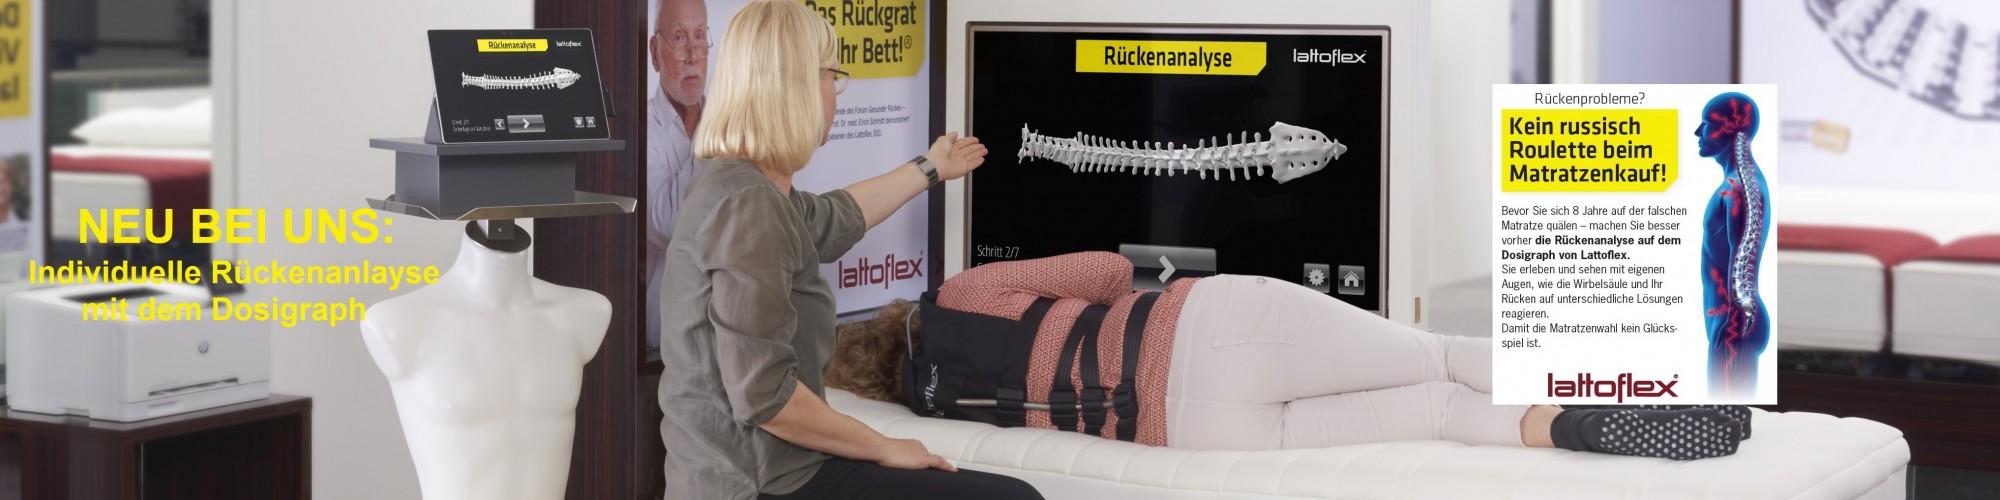 Erleben Sie die Rückenanalsye mit dem einzigartigen innovativen Dosigraph